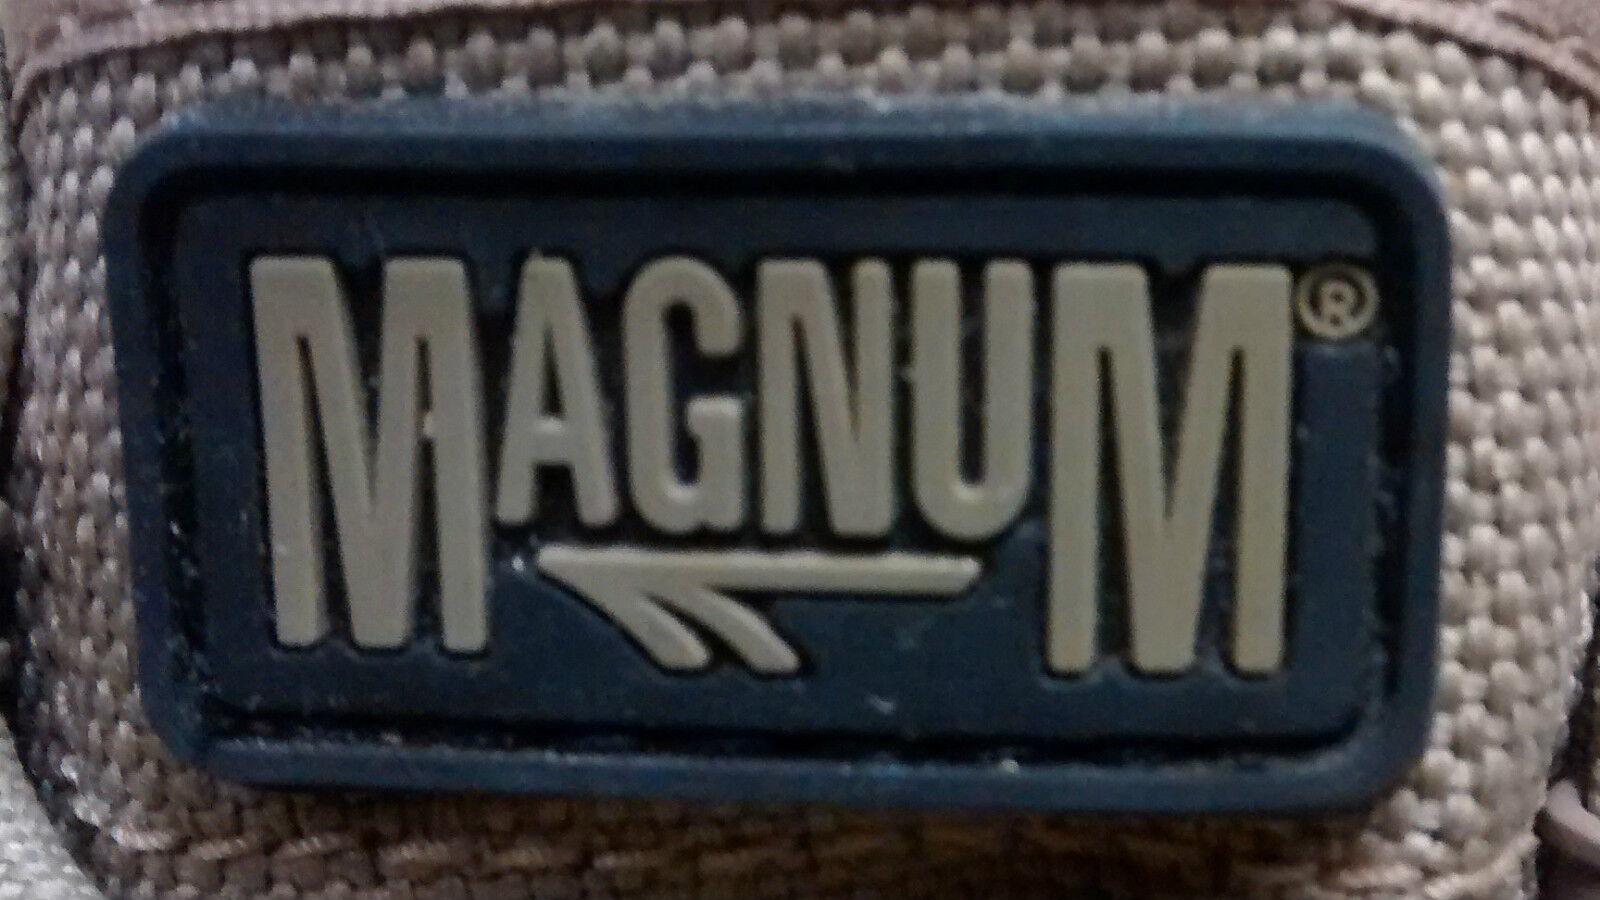 Originale British Numero Numero Numero Magnum Scorpione Deserto Assalto da Pattuglia Anfibi - | Gli Ordini Sono Benvenuti  | Gentiluomo/Signora Scarpa  bc64e3